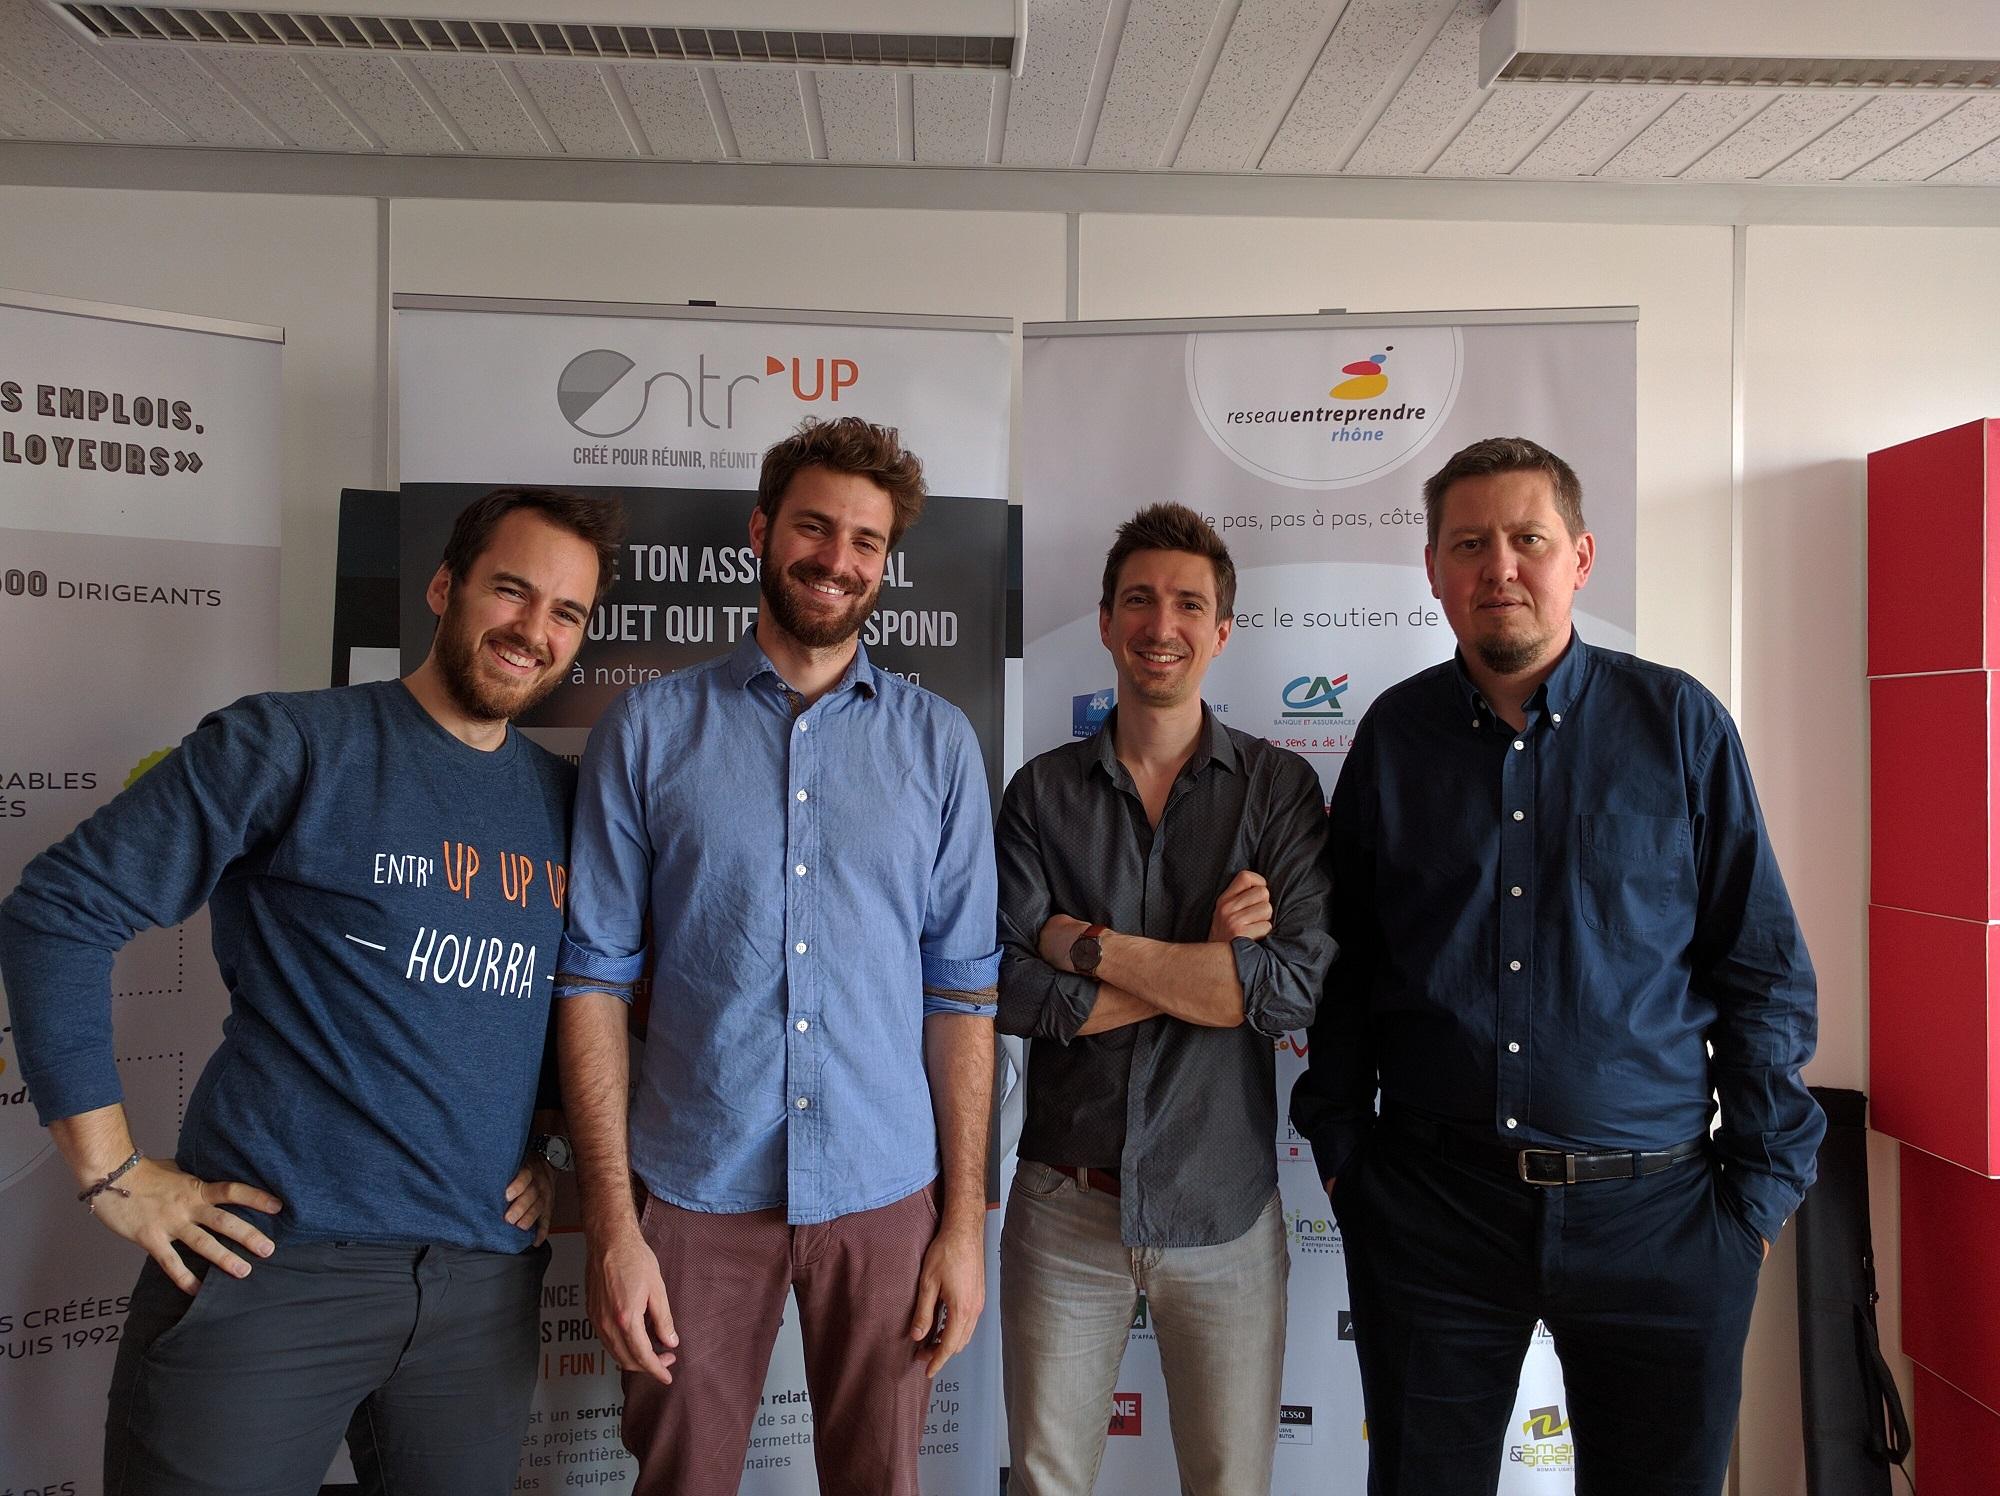 Entr'UP est partenaire du Réseau Entreprendre Rhône !